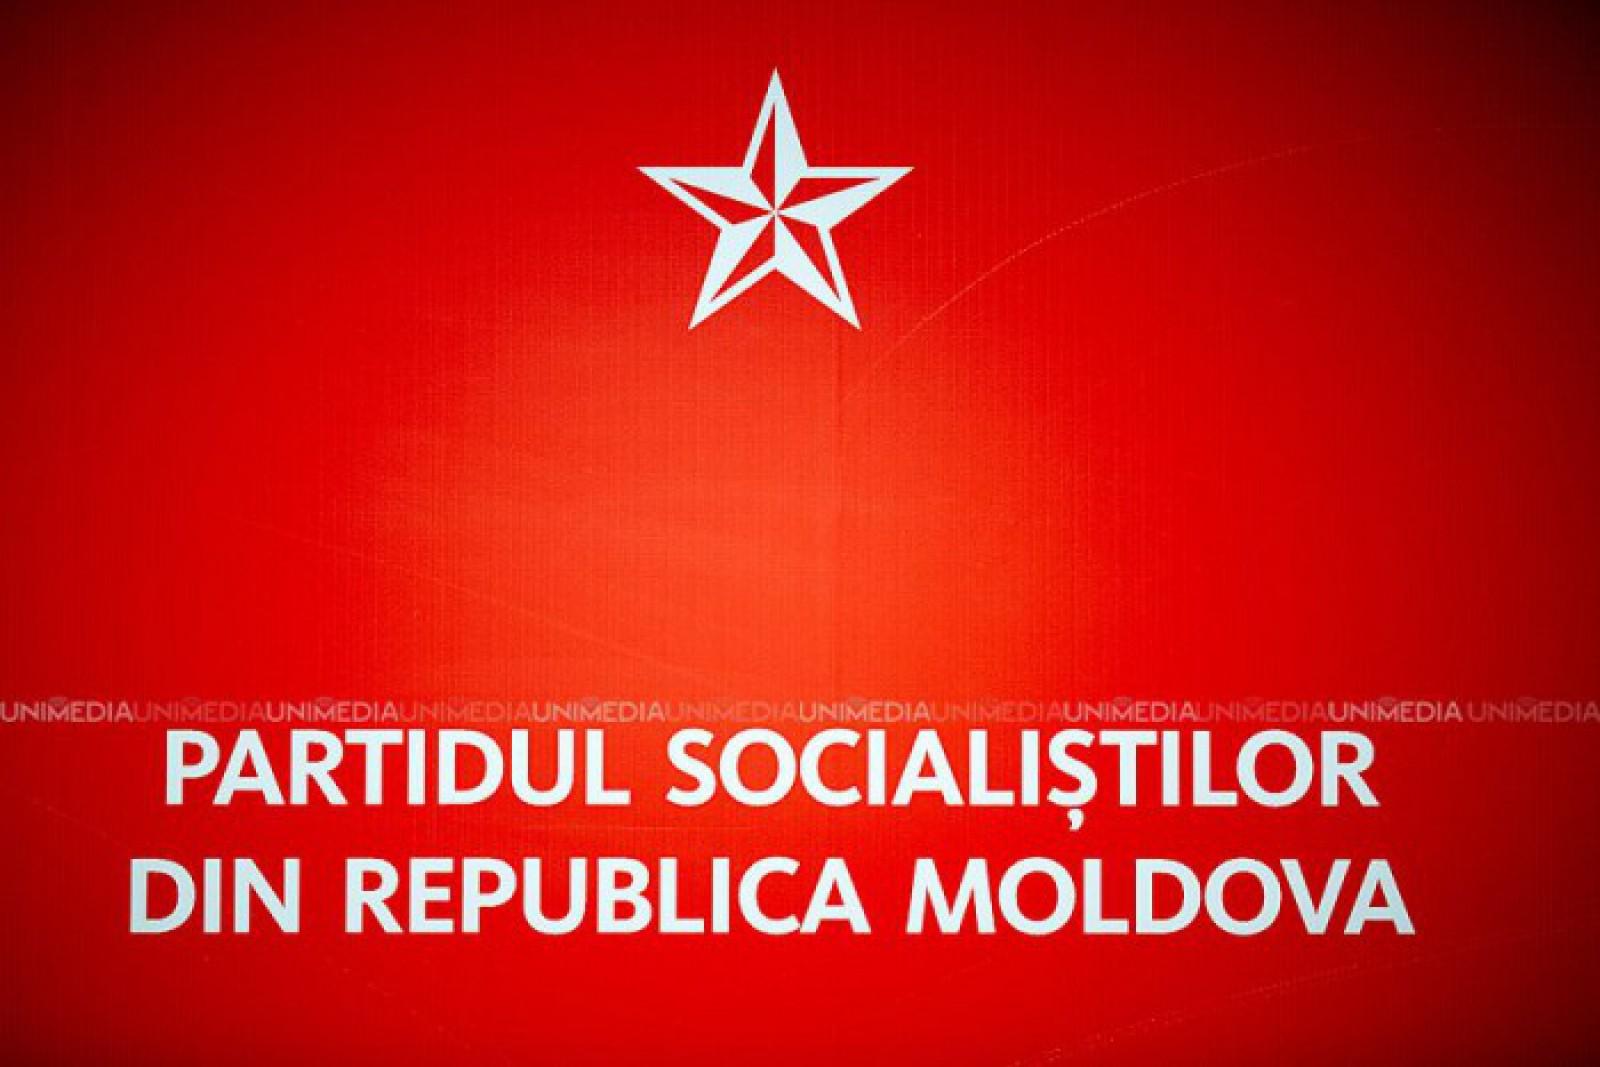 (doc) Socialiștii, prinși din nou cu minciuna. Niciunul din cei șase deputații PSRM nu a depus cerere de retragere a cetățeniei române